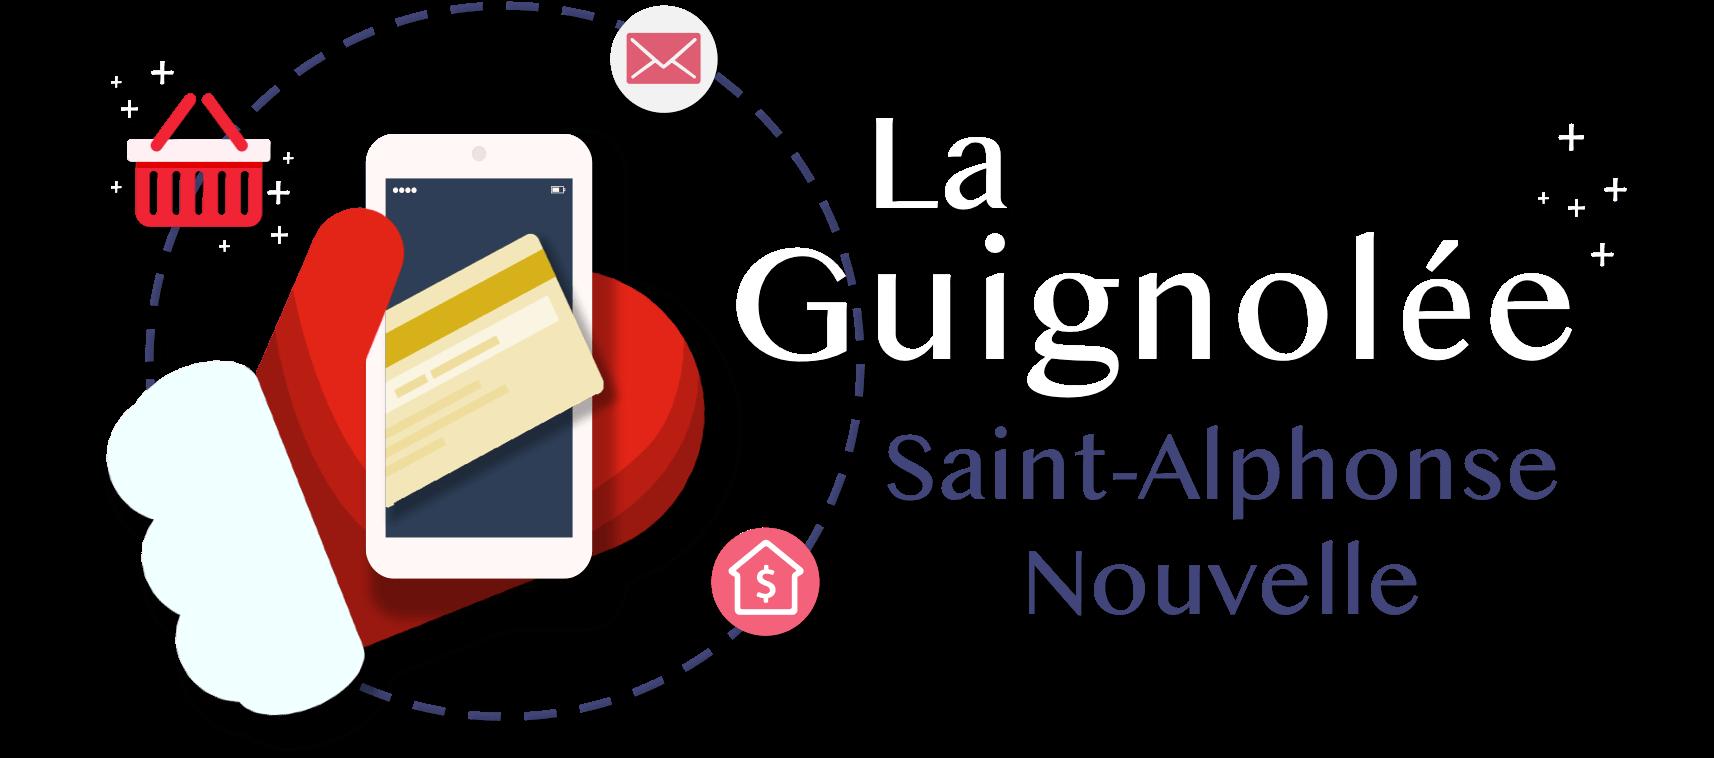 La Guignolée Saint-Alphonse – Nouvelle